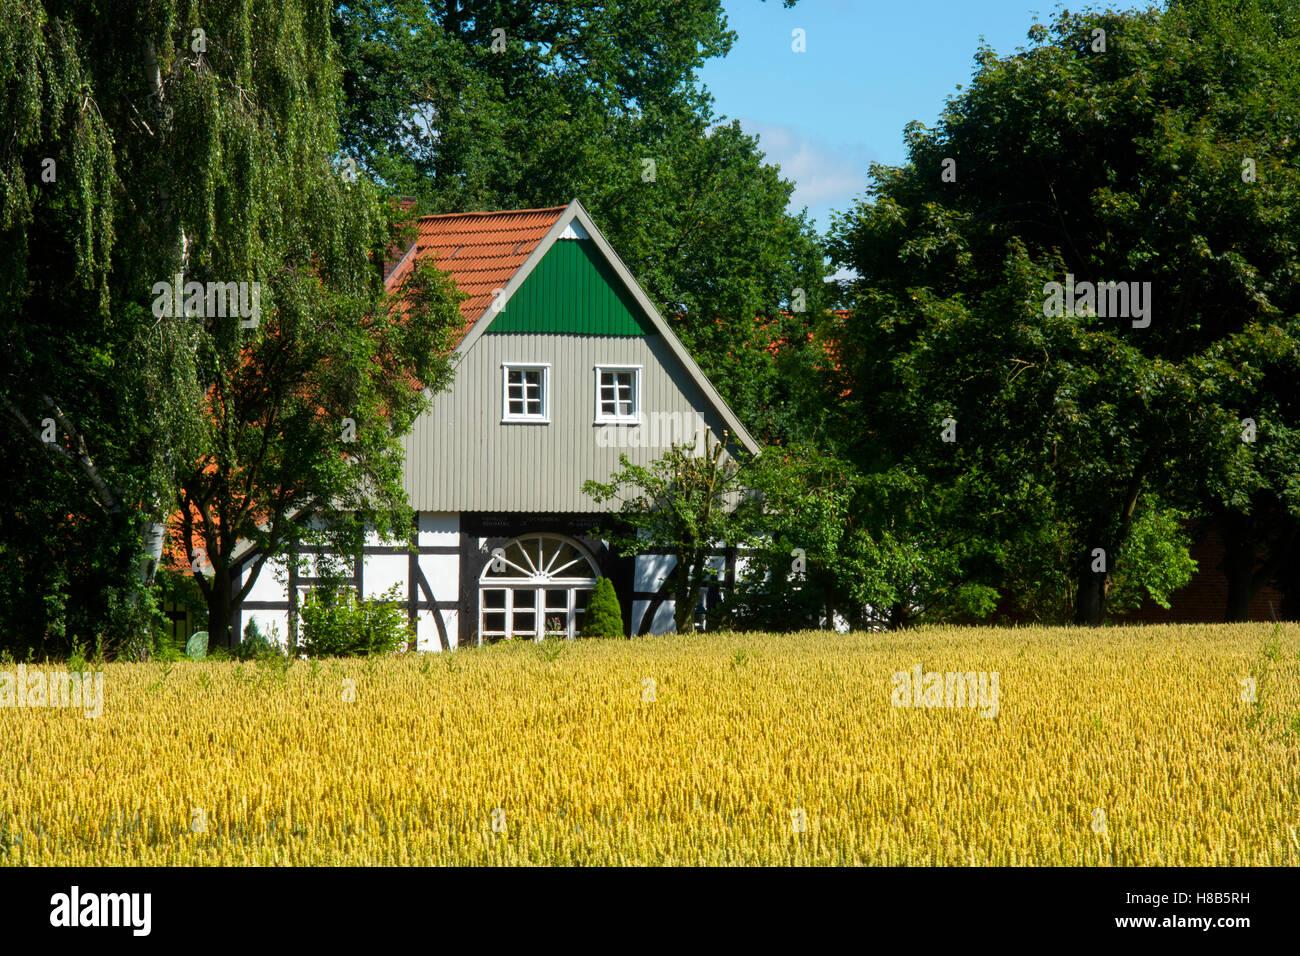 Deutschland, Nordrhein-Westfalen, Werther, Haus im Ortsteil Arrode - Stock Image